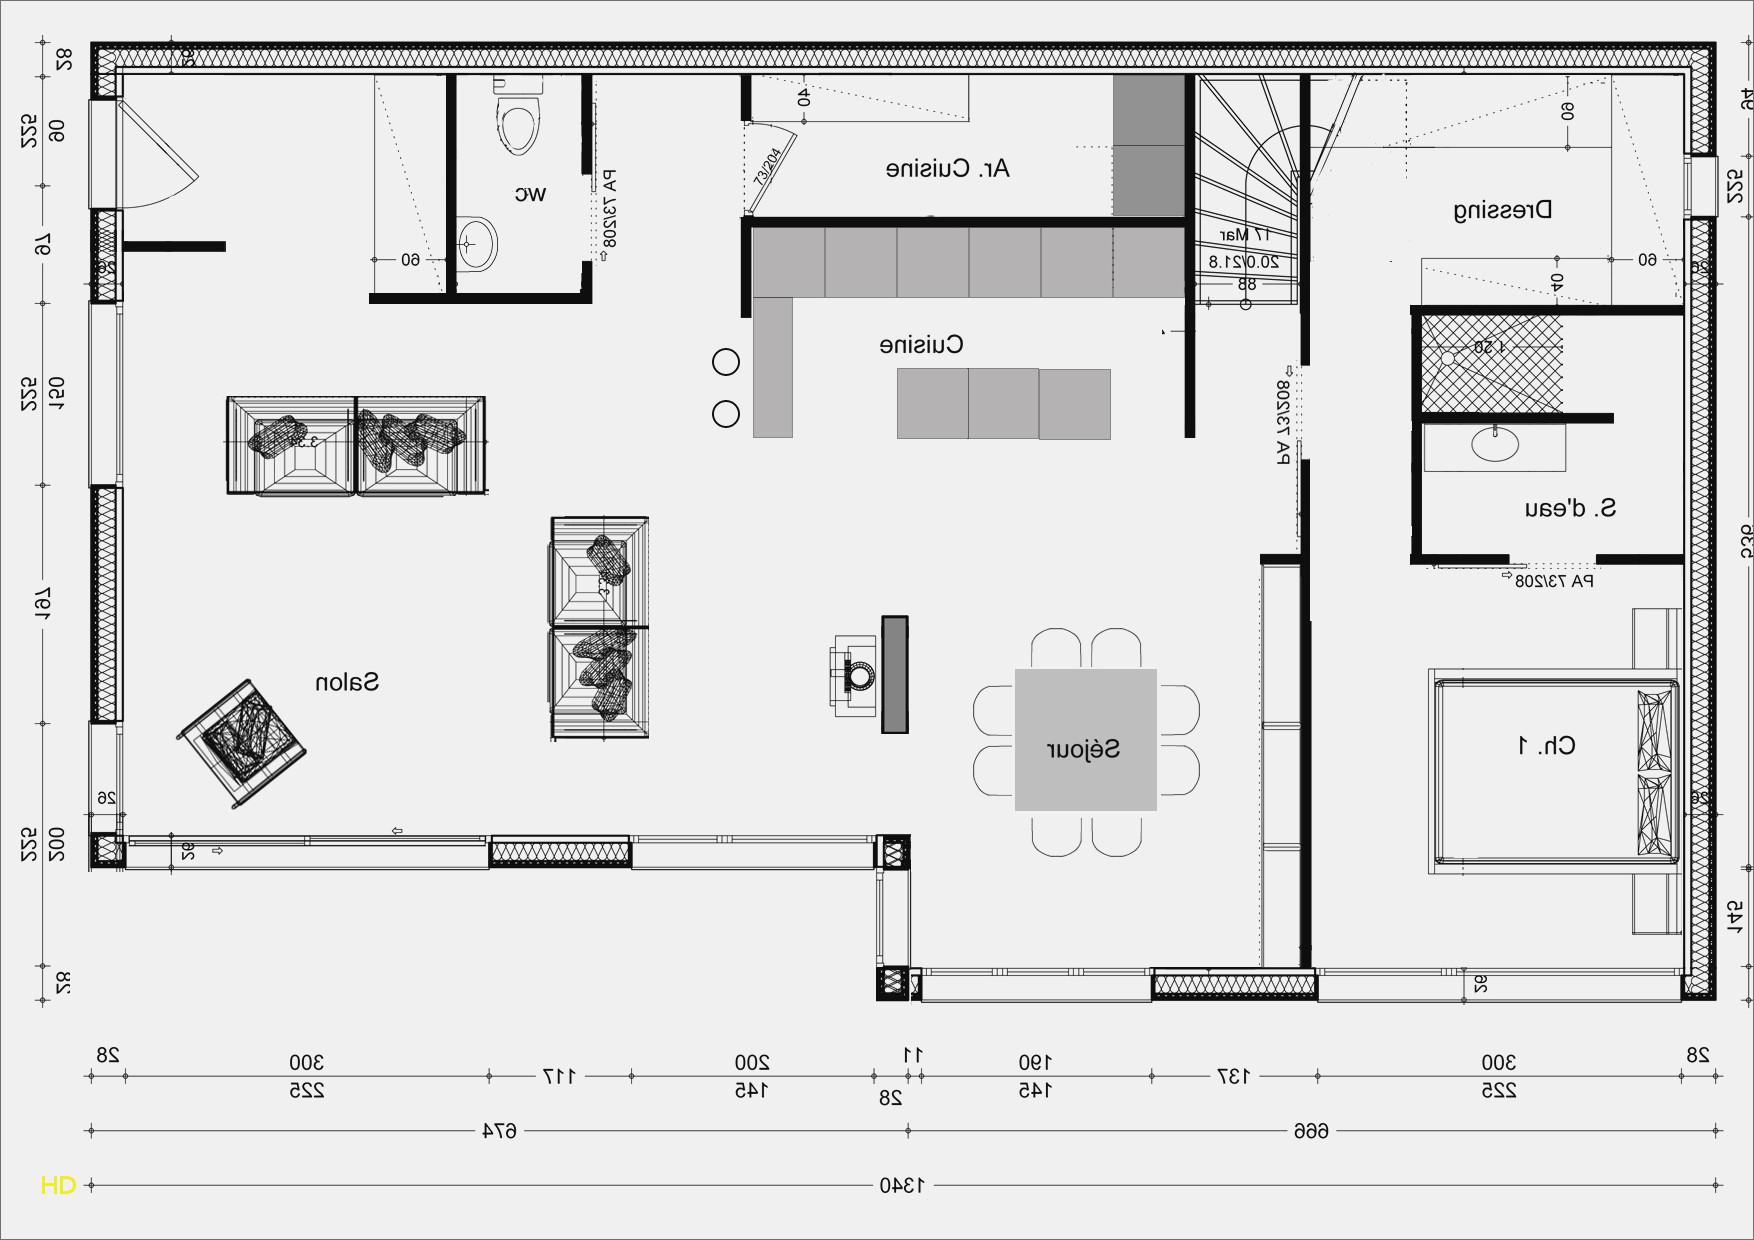 Faire son plan exterieur de maison id es de travaux - Faire son plan de maison ...